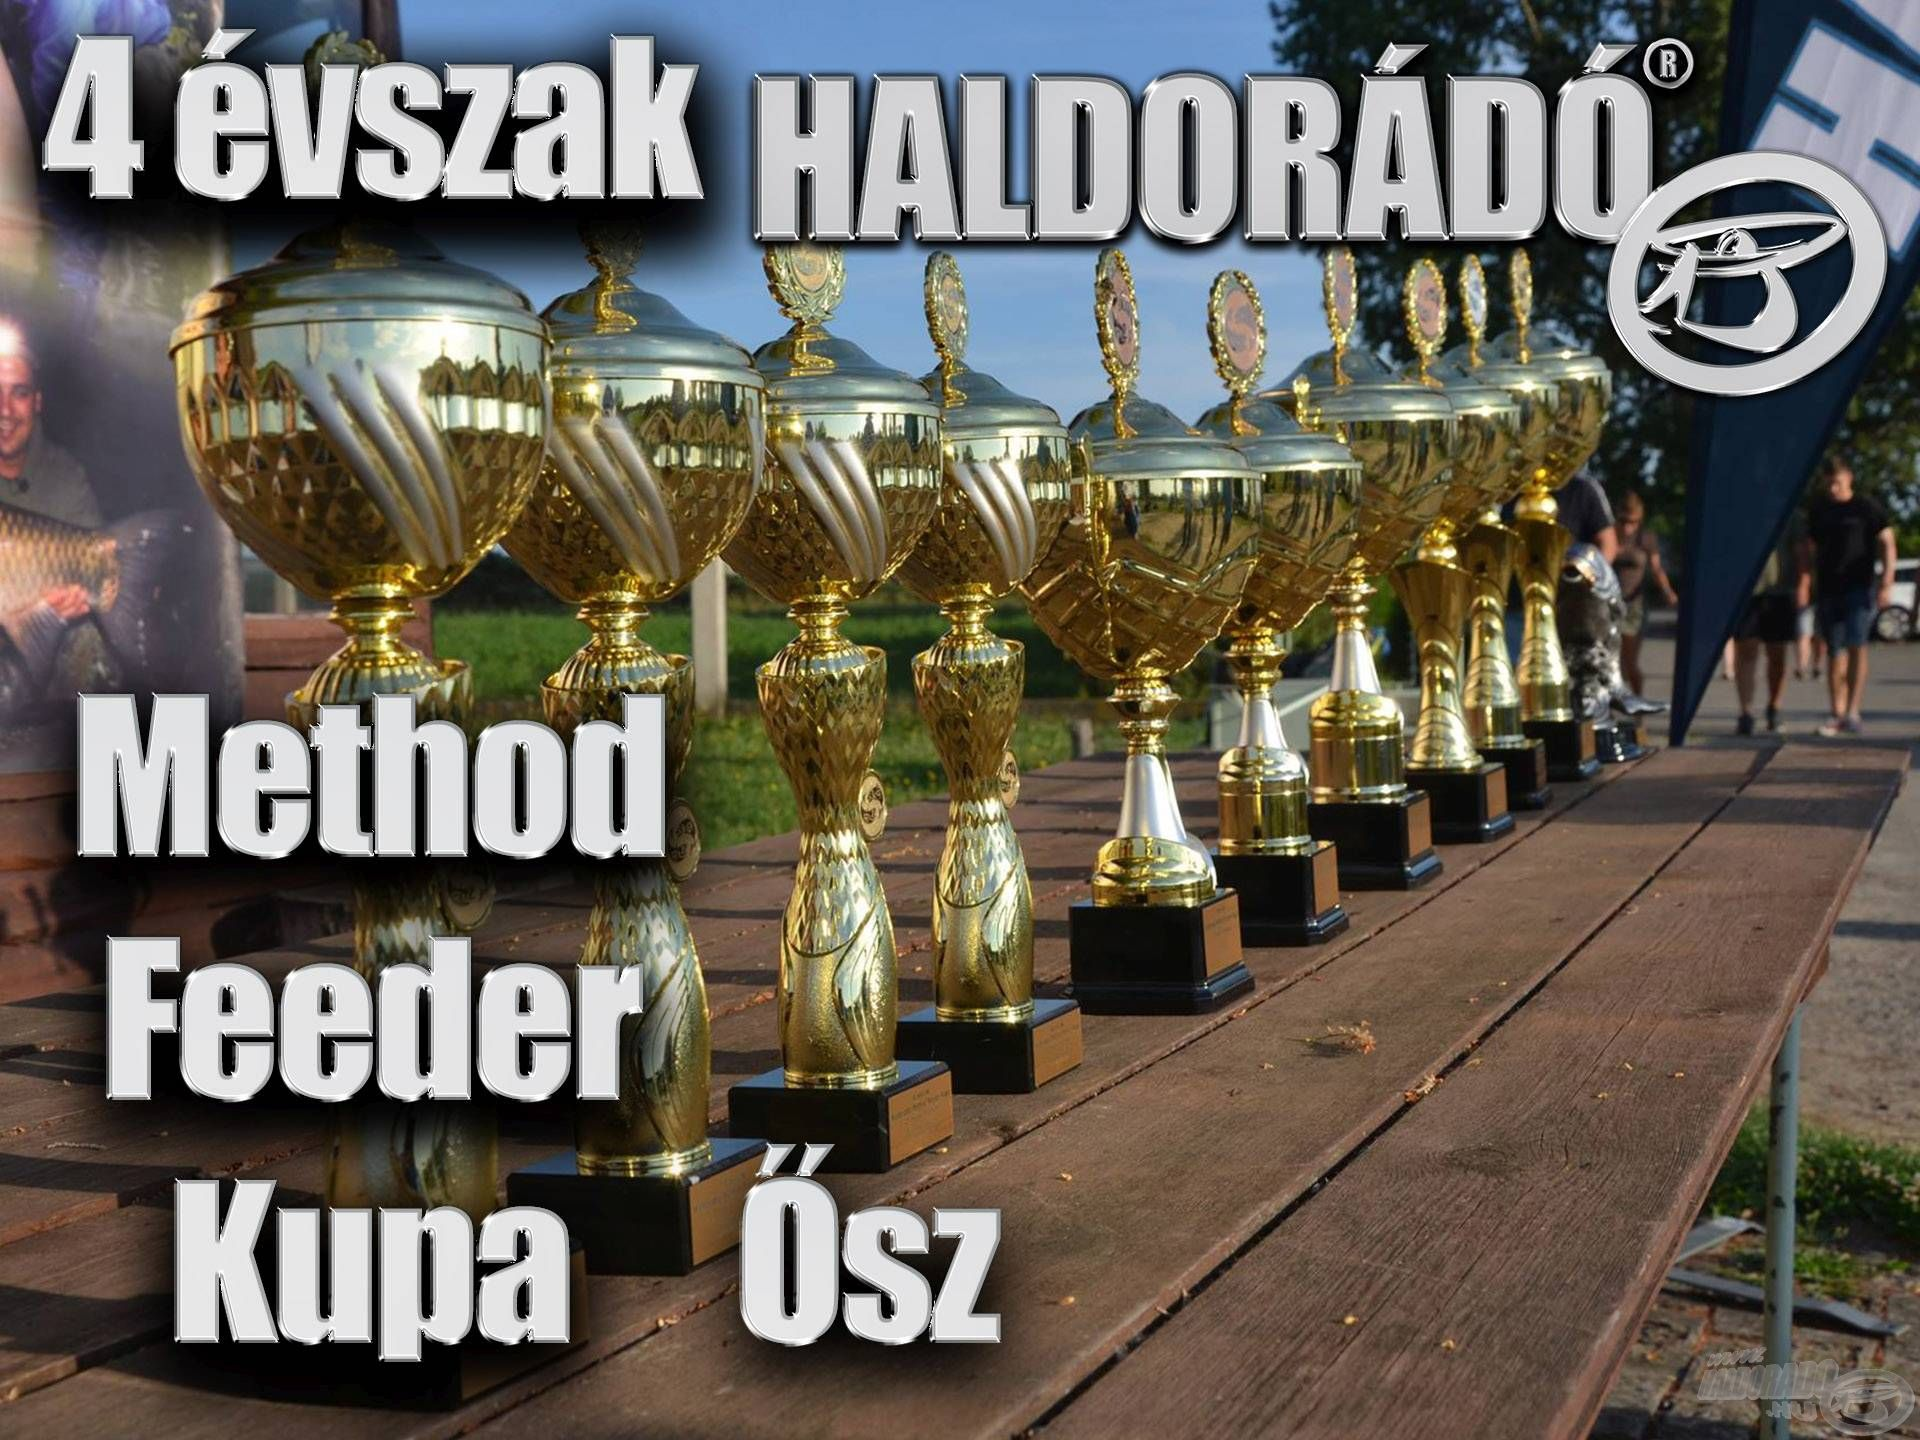 4 évszak Haldorádó Method Feeder Kupa – 3. őszi forduló versenykiírás